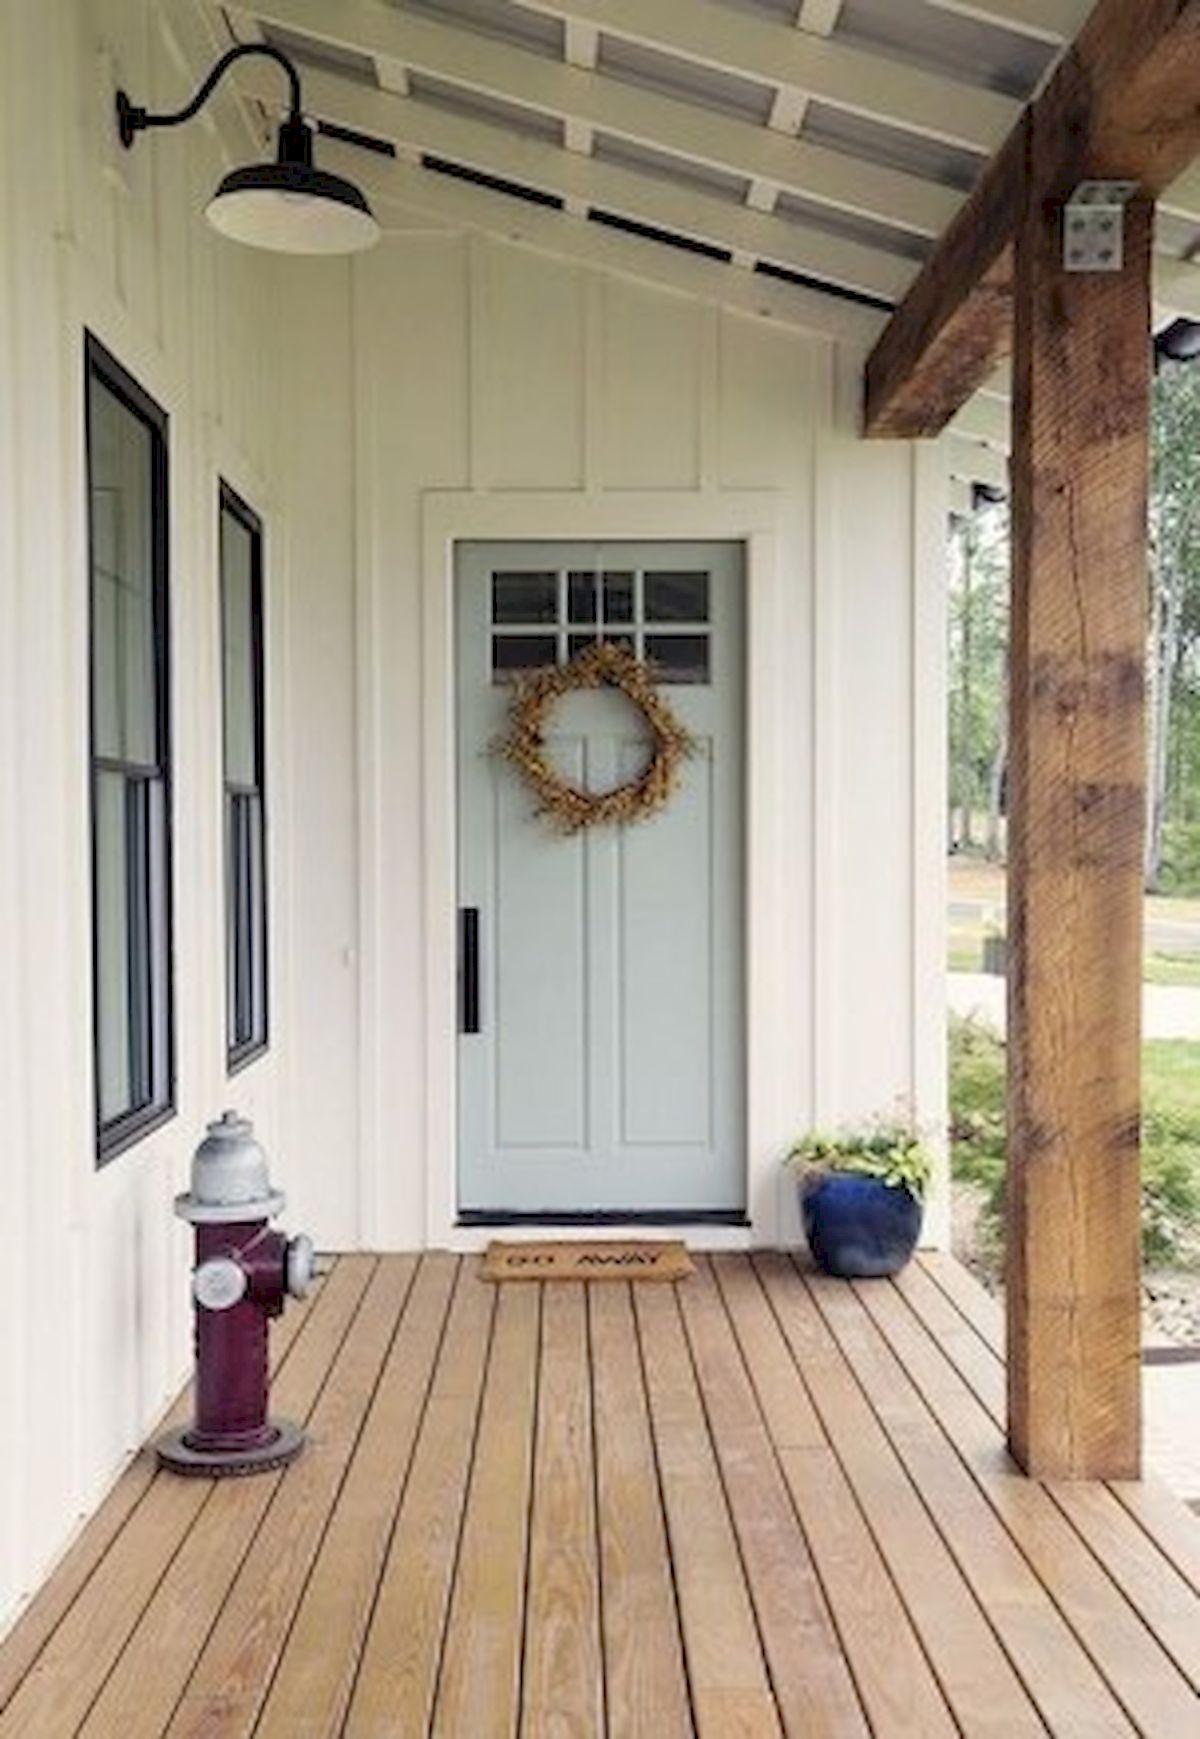 46 Awesome Farmhouse Home Exterior Design Ideas (11)